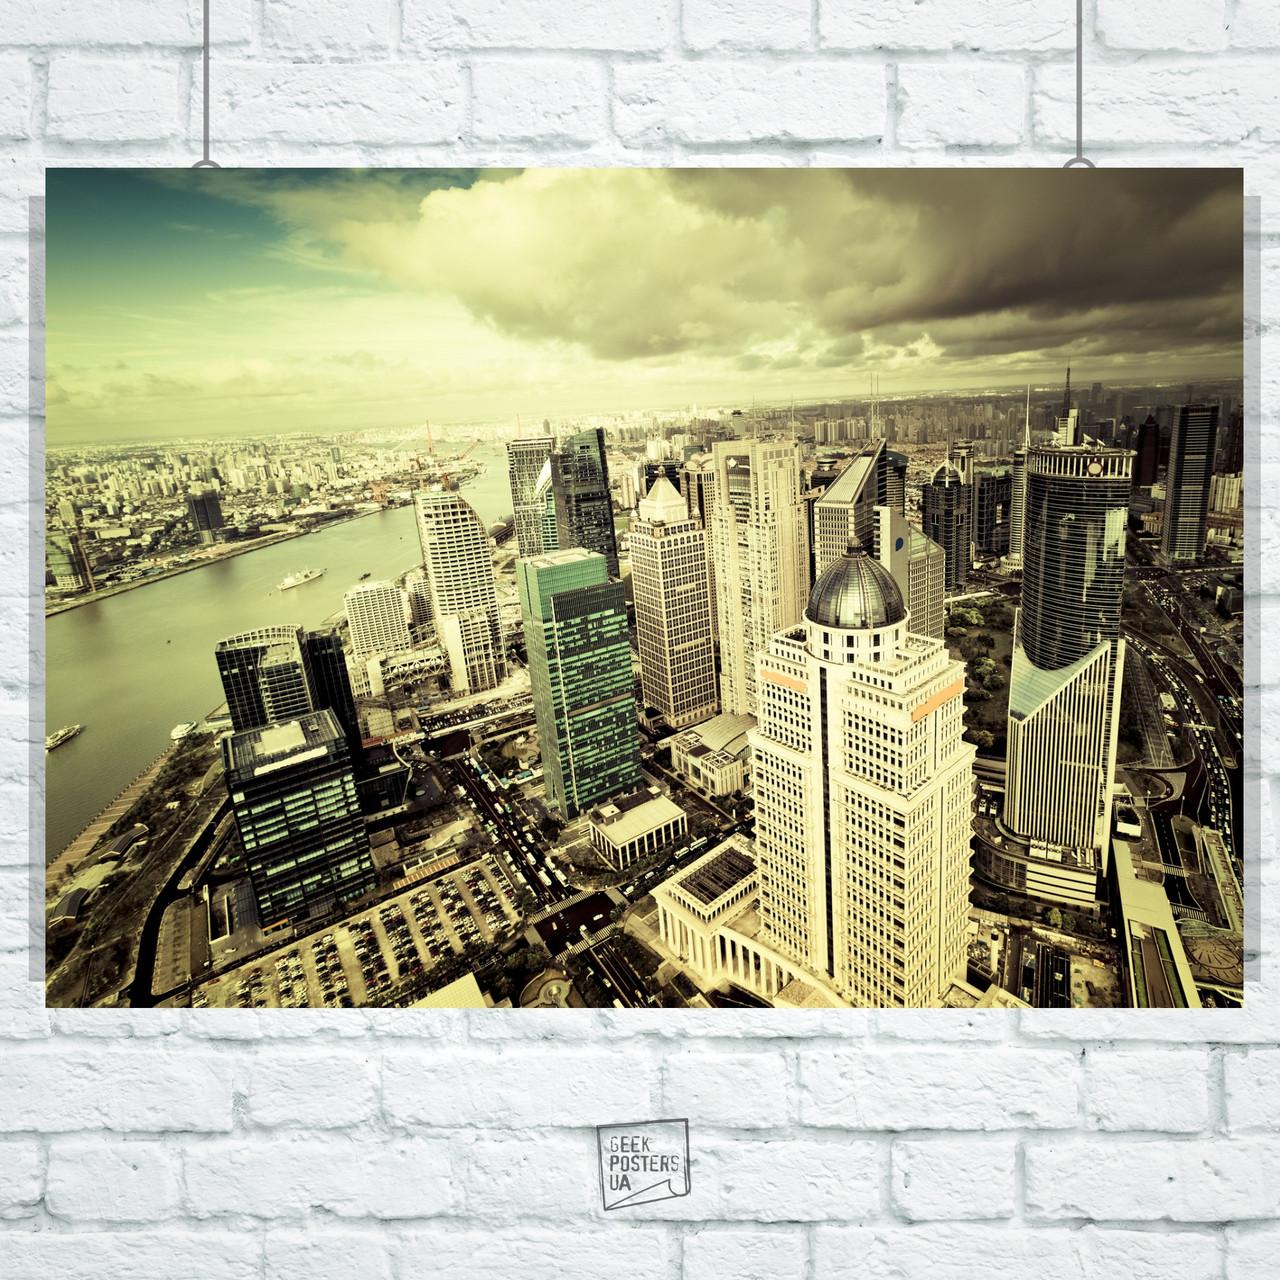 Постер Нью-Йорк с высоты. Размер 60x42см (A2). Глянцевая бумага